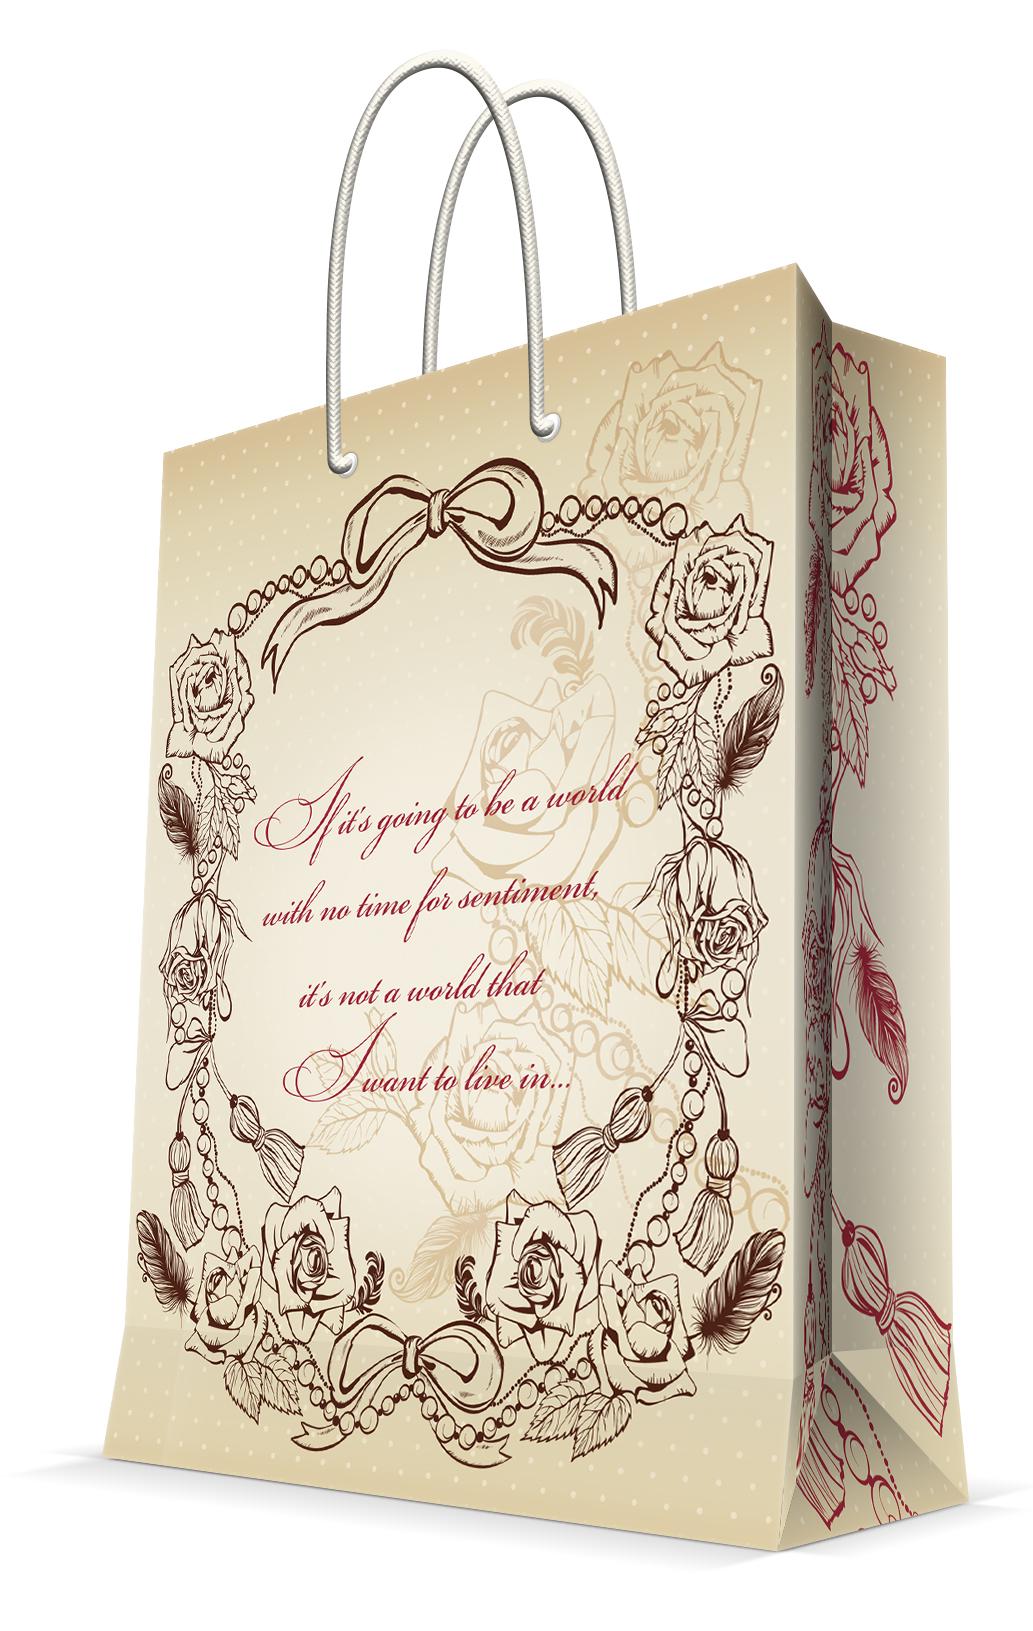 Пакет подарочный Magic Home Виньетка, 17,8 х 22,9 х 9,8 смNLED-454-9W-BKПодарочный пакет Magic Home, изготовленный из плотной бумаги, станет незаменимым дополнением к выбранному подарку. Дно изделия укреплено картоном, который позволяет сохранить форму пакета и исключает возможность деформации дна под тяжестью подарка. Пакет выполнен с глянцевой ламинацией, что придает ему прочность, а изображению - яркость и насыщенность цветов. Для удобной переноски имеются две ручки в виде шнурков.Подарок, преподнесенный в оригинальной упаковке, всегда будет самым эффектным и запоминающимся. Окружите близких людей вниманием и заботой, вручив презент в нарядном, праздничном оформлении.Плотность бумаги: 140 г/м2.